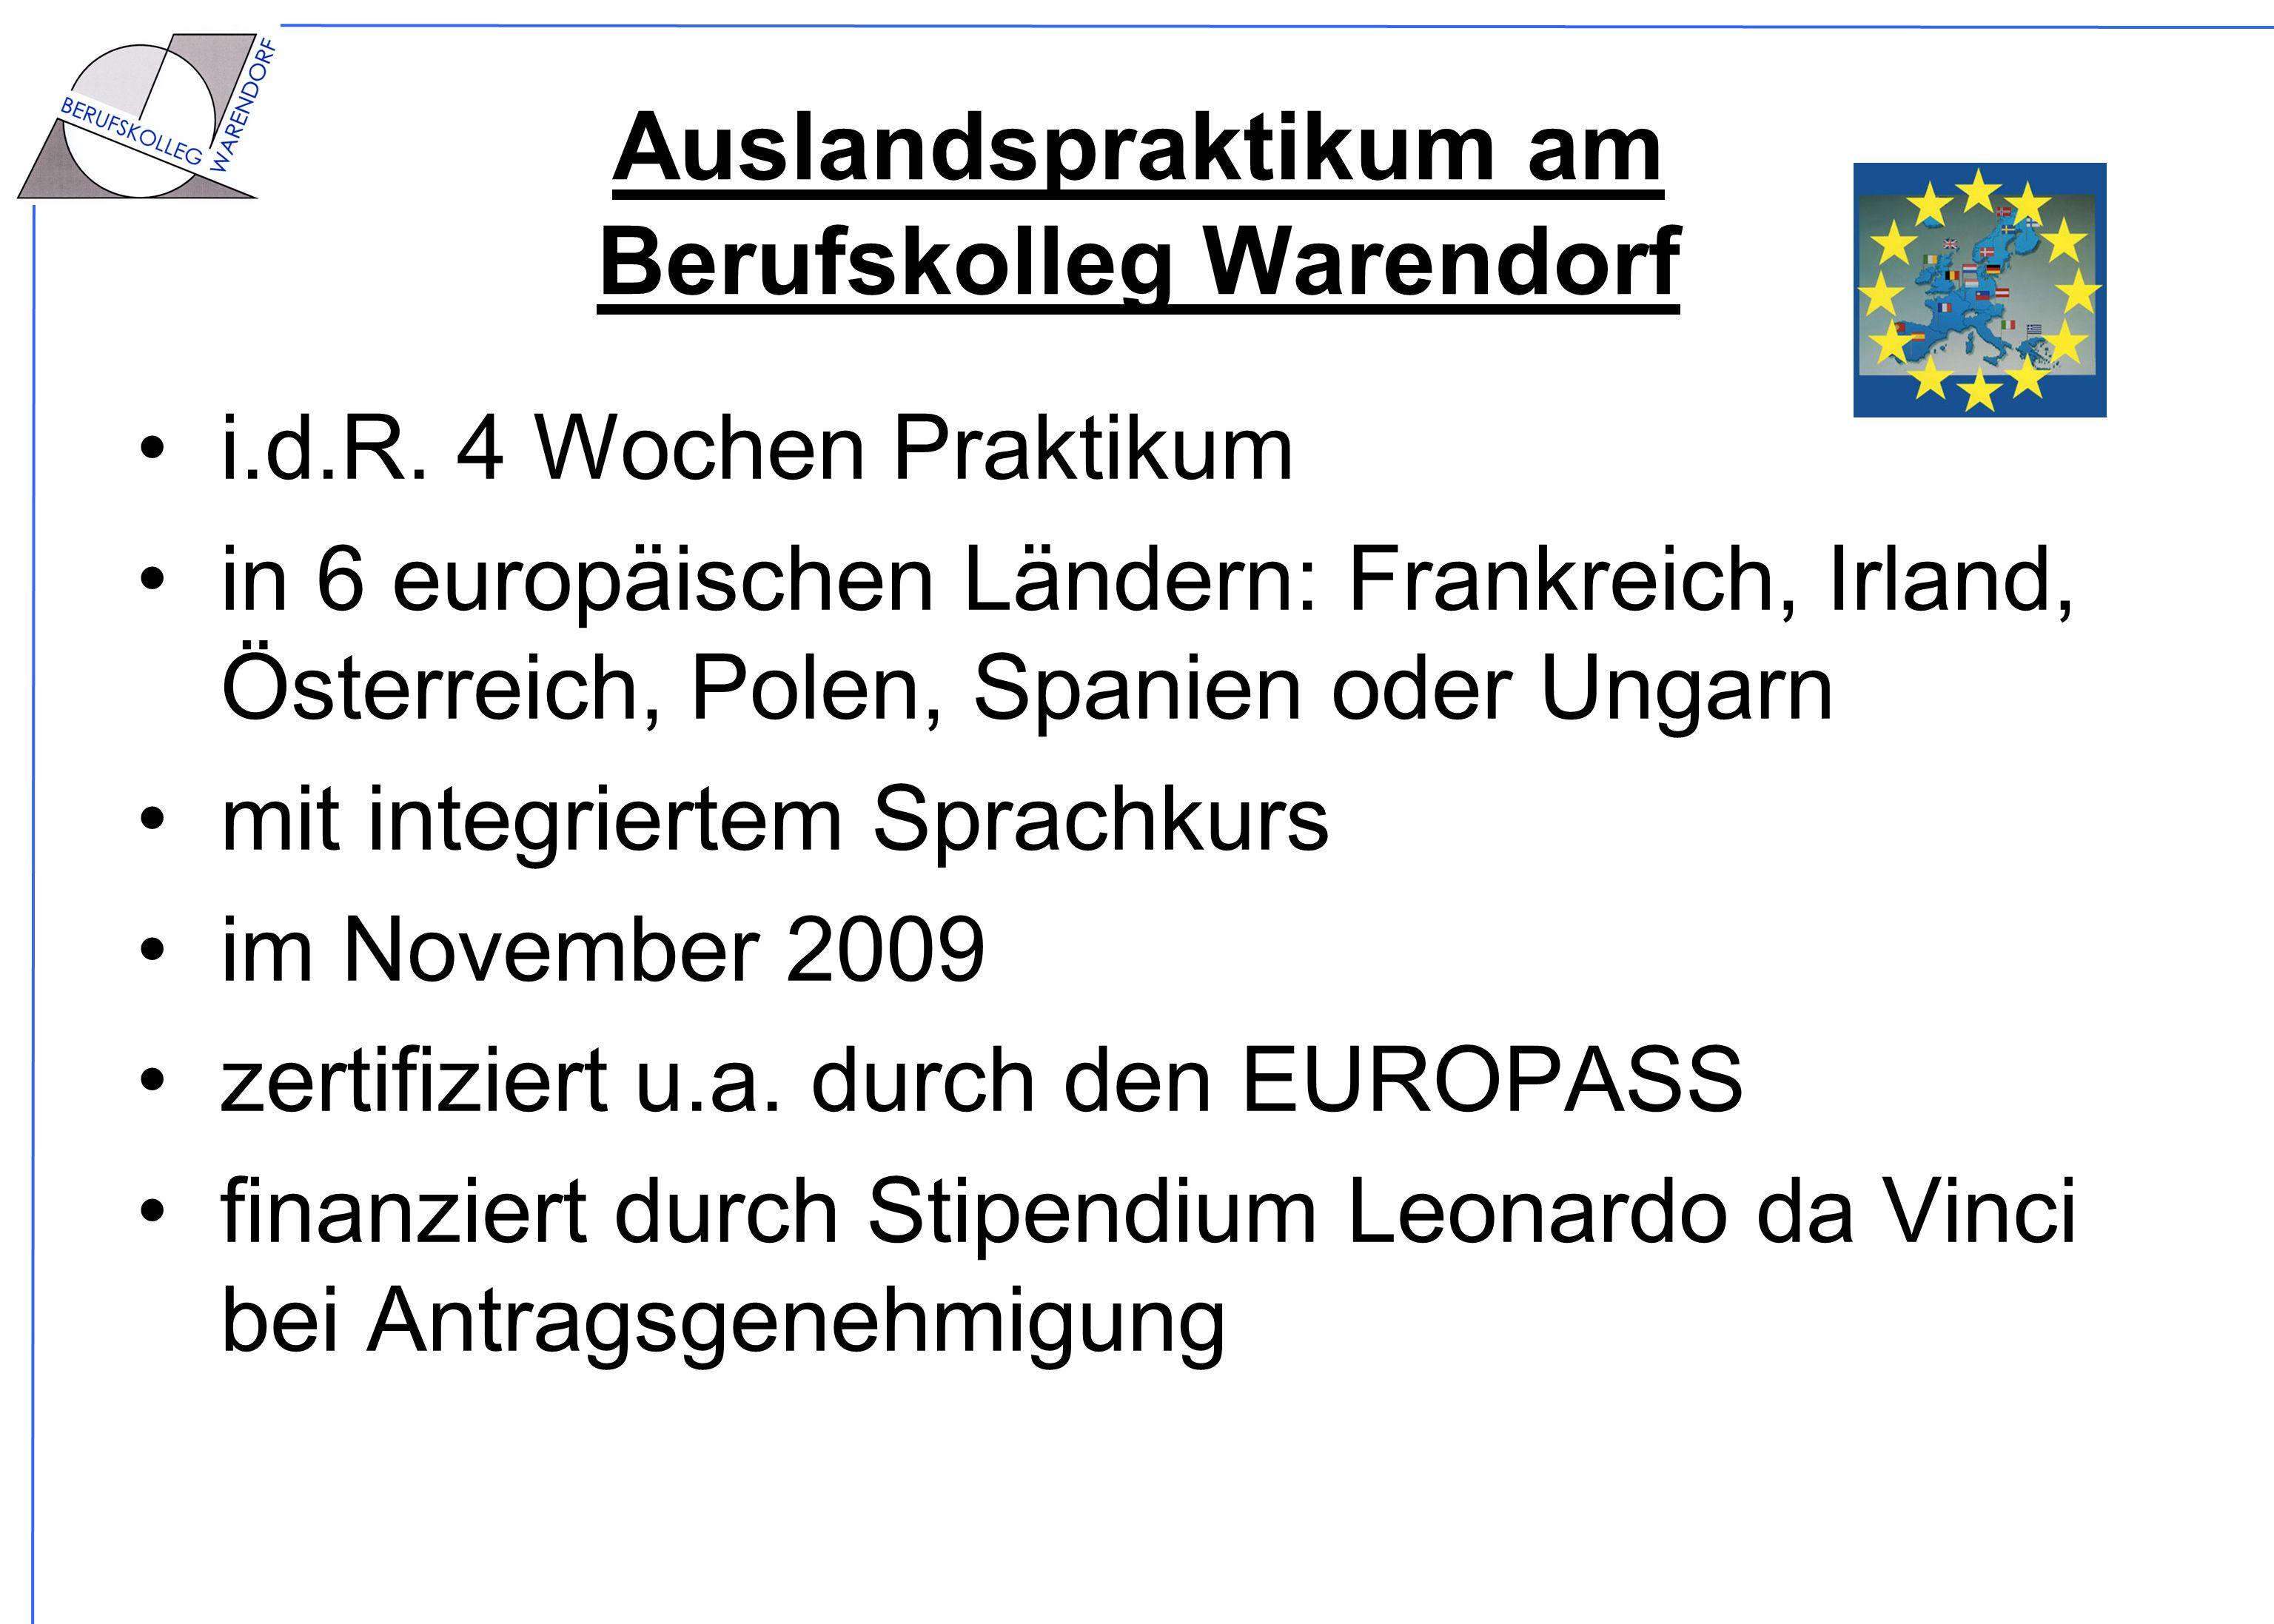 Auslandspraktikum am Berufskolleg Warendorf i.d.R. 4 Wochen Praktikum in 6 europäischen Ländern: Frankreich, Irland, Österreich, Polen, Spanien oder U